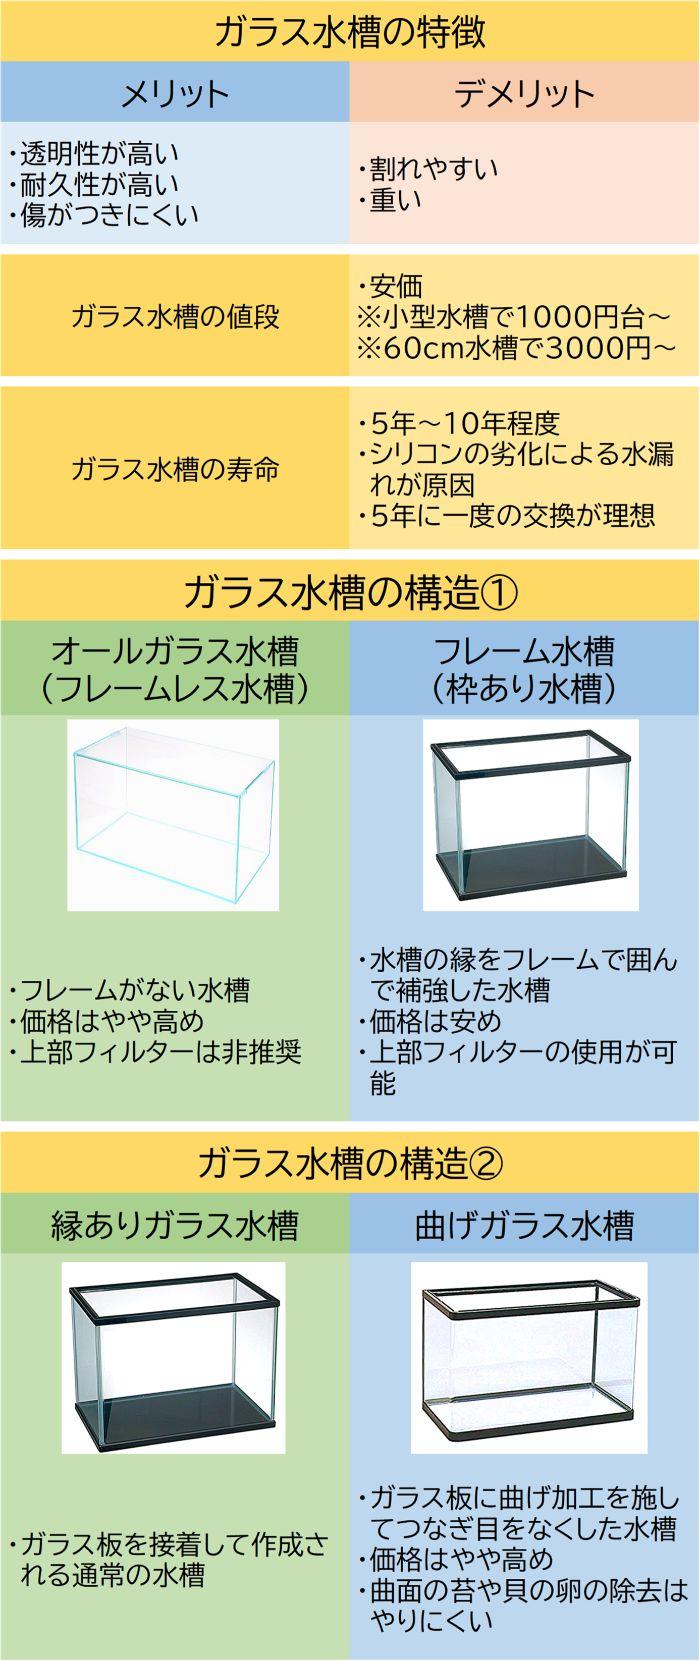 ガラス水槽の特徴や値段、寿命や構造の詳細まとめ